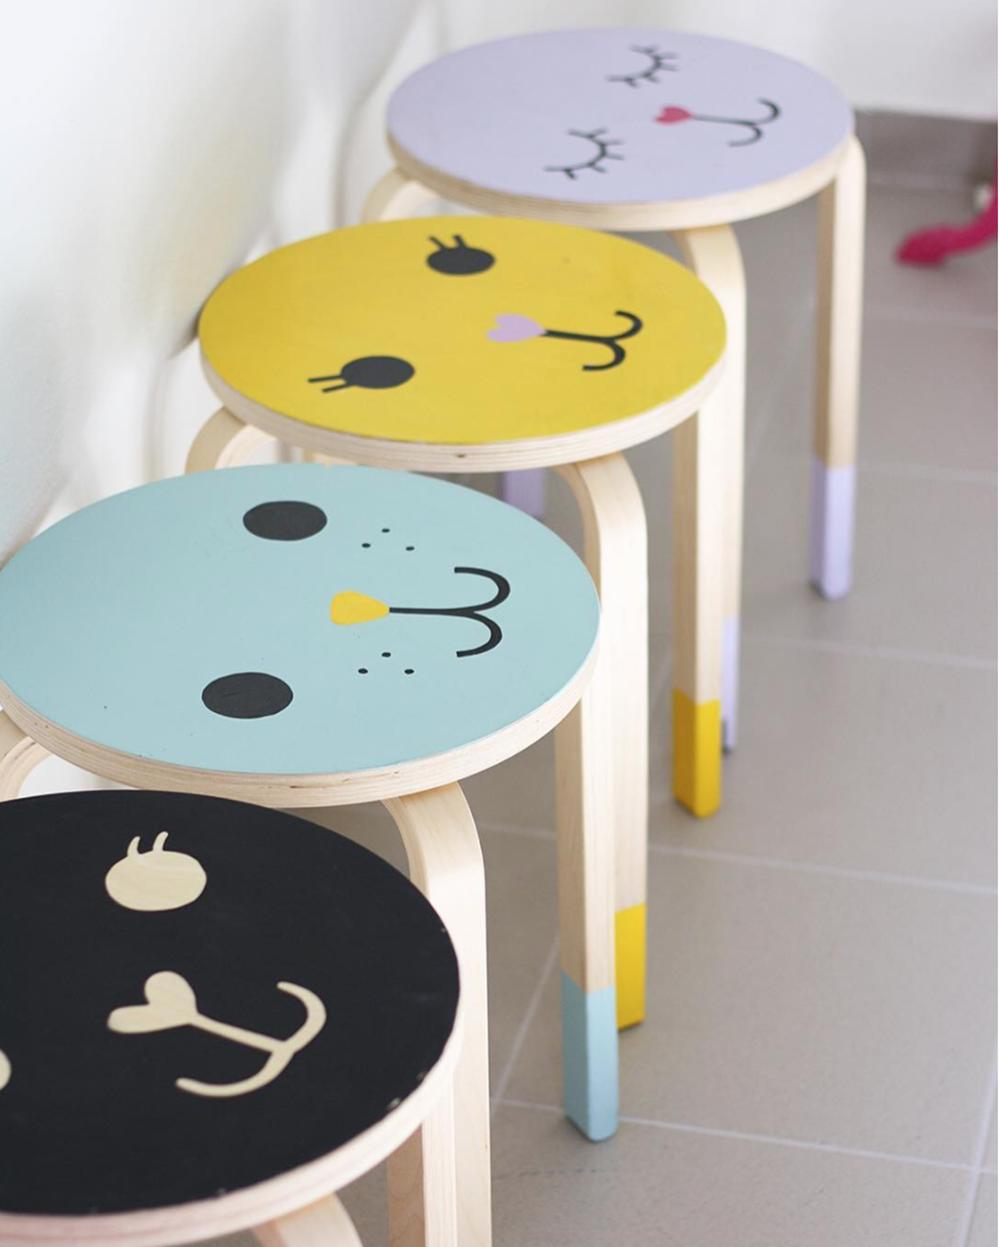 Pier One Baby Furniture: 12x Coole IKEA Hacks Voor In De Kinderkamer